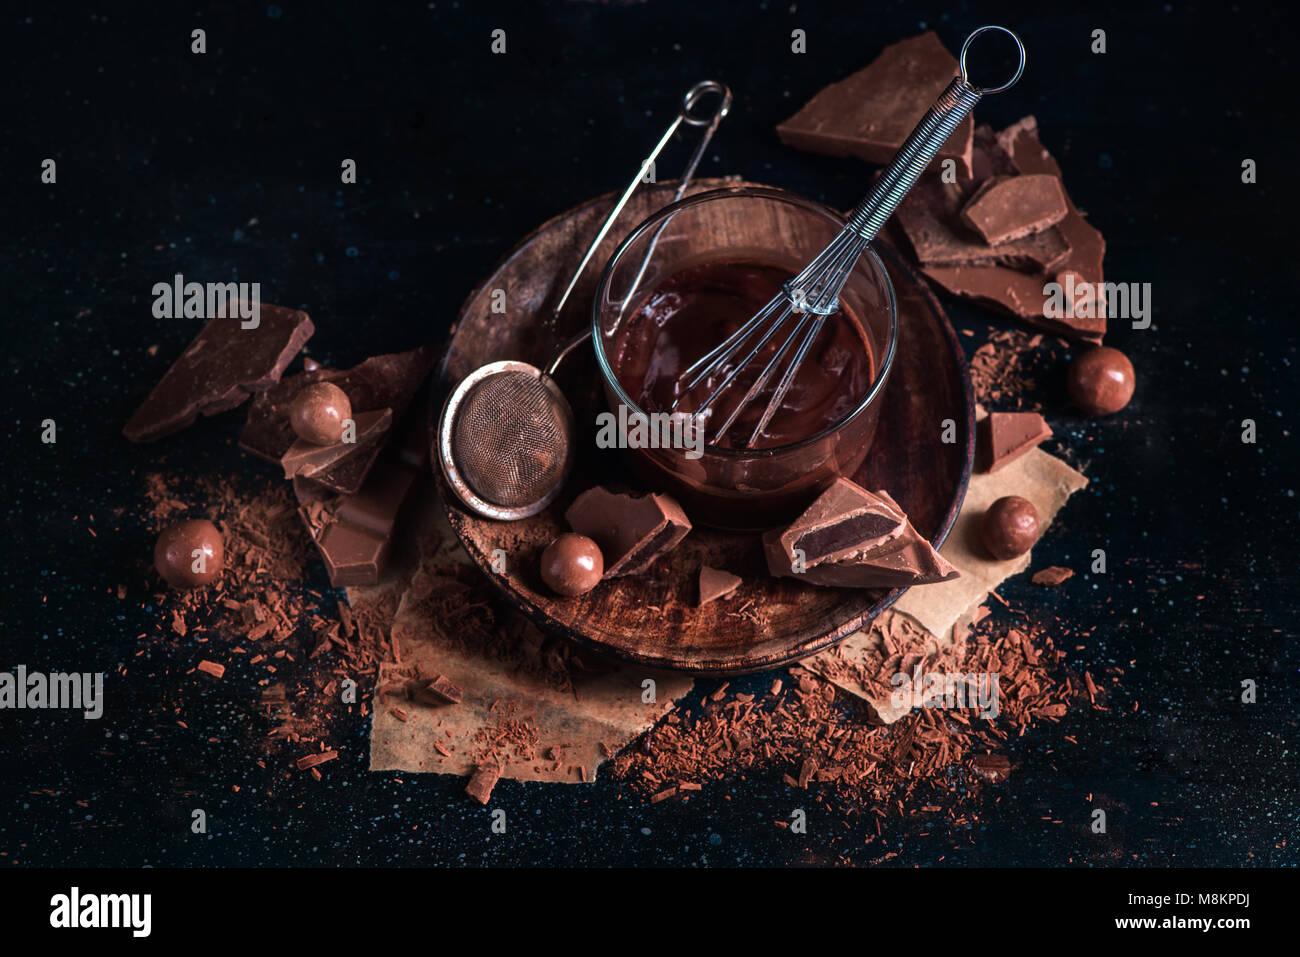 Glaseado de chocolate en un vaso con un batidor. Pedazos de chocolate con cacao en polvo, canela y otras especias Imagen De Stock